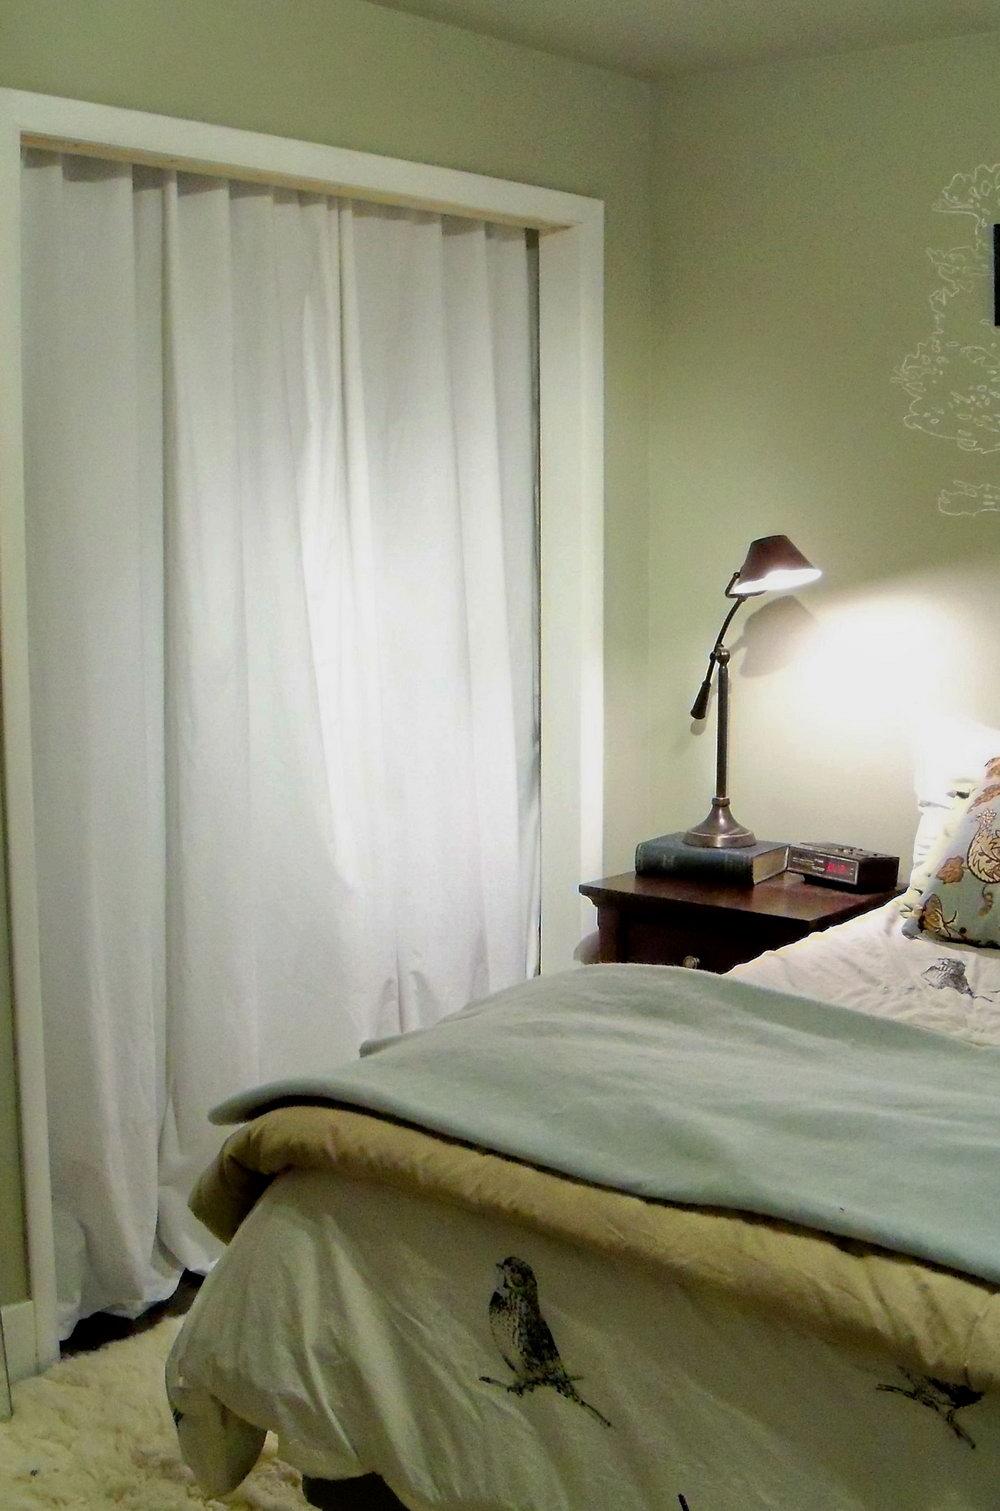 Diy Curtain For Closet